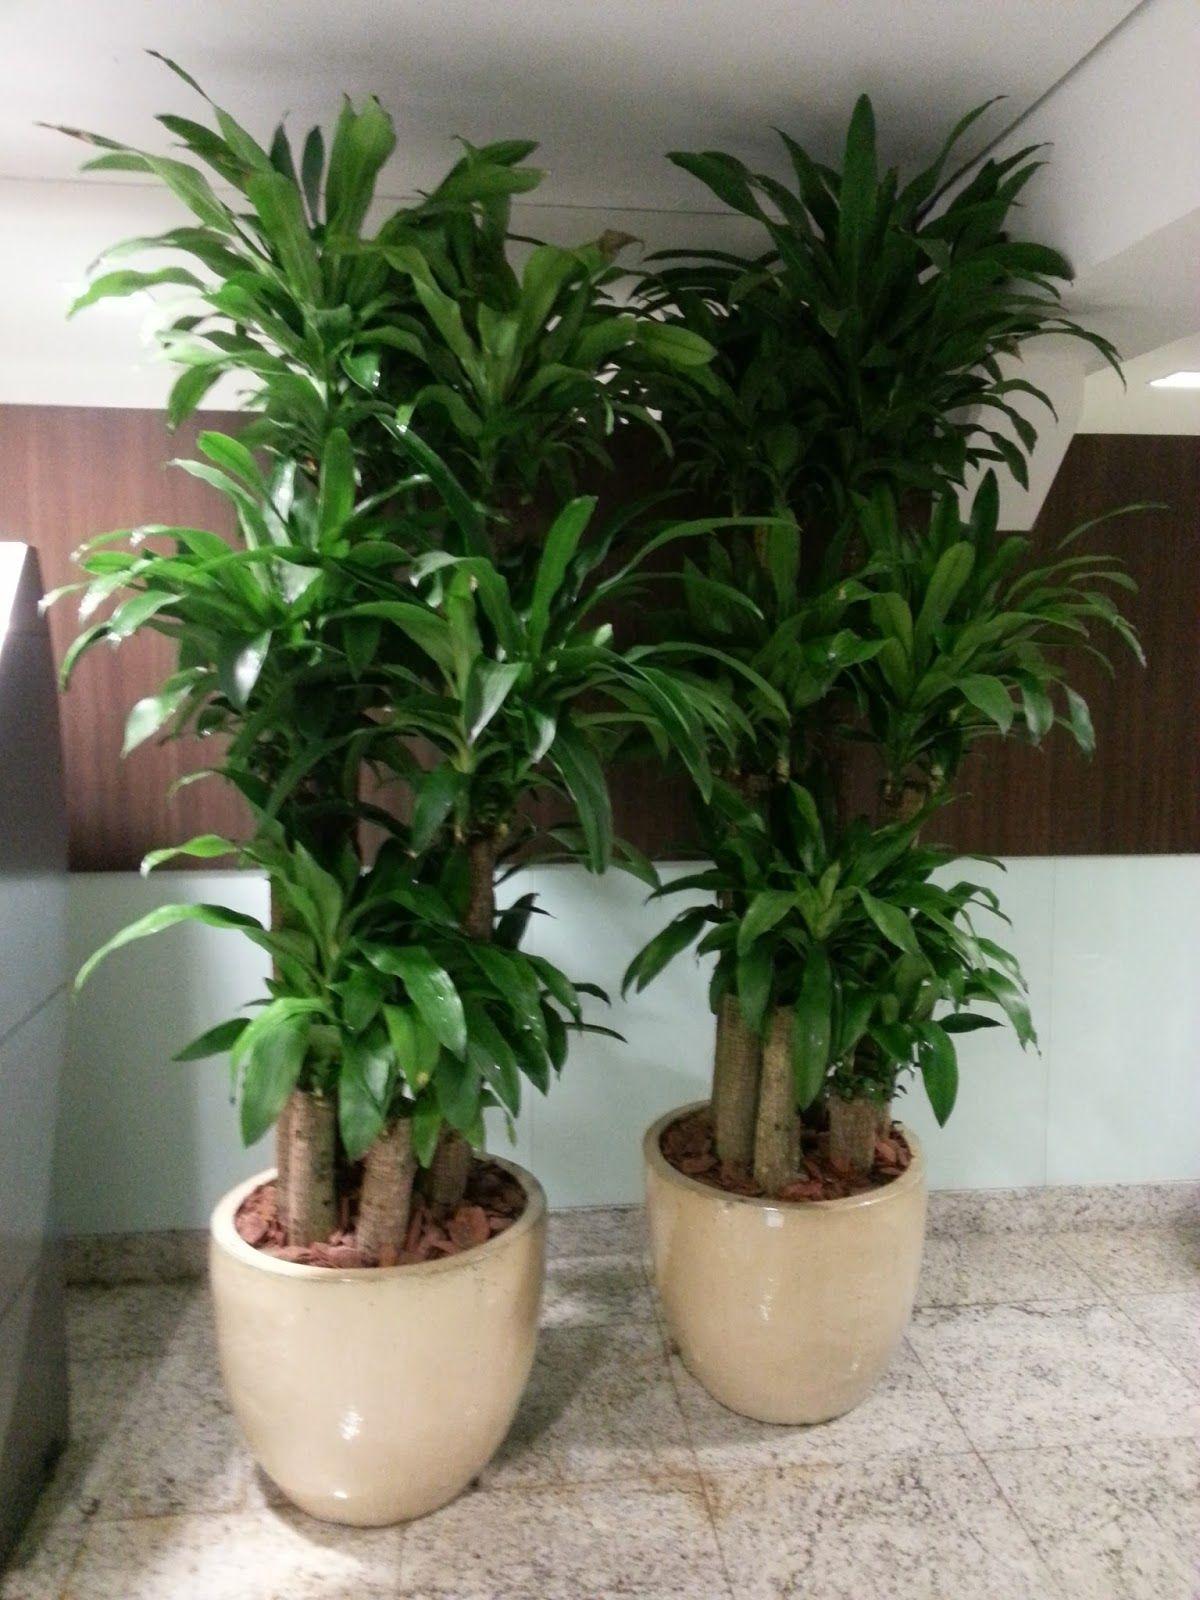 Mercado procura melhor padr o de plantas para interior na - Plantas de interior ...